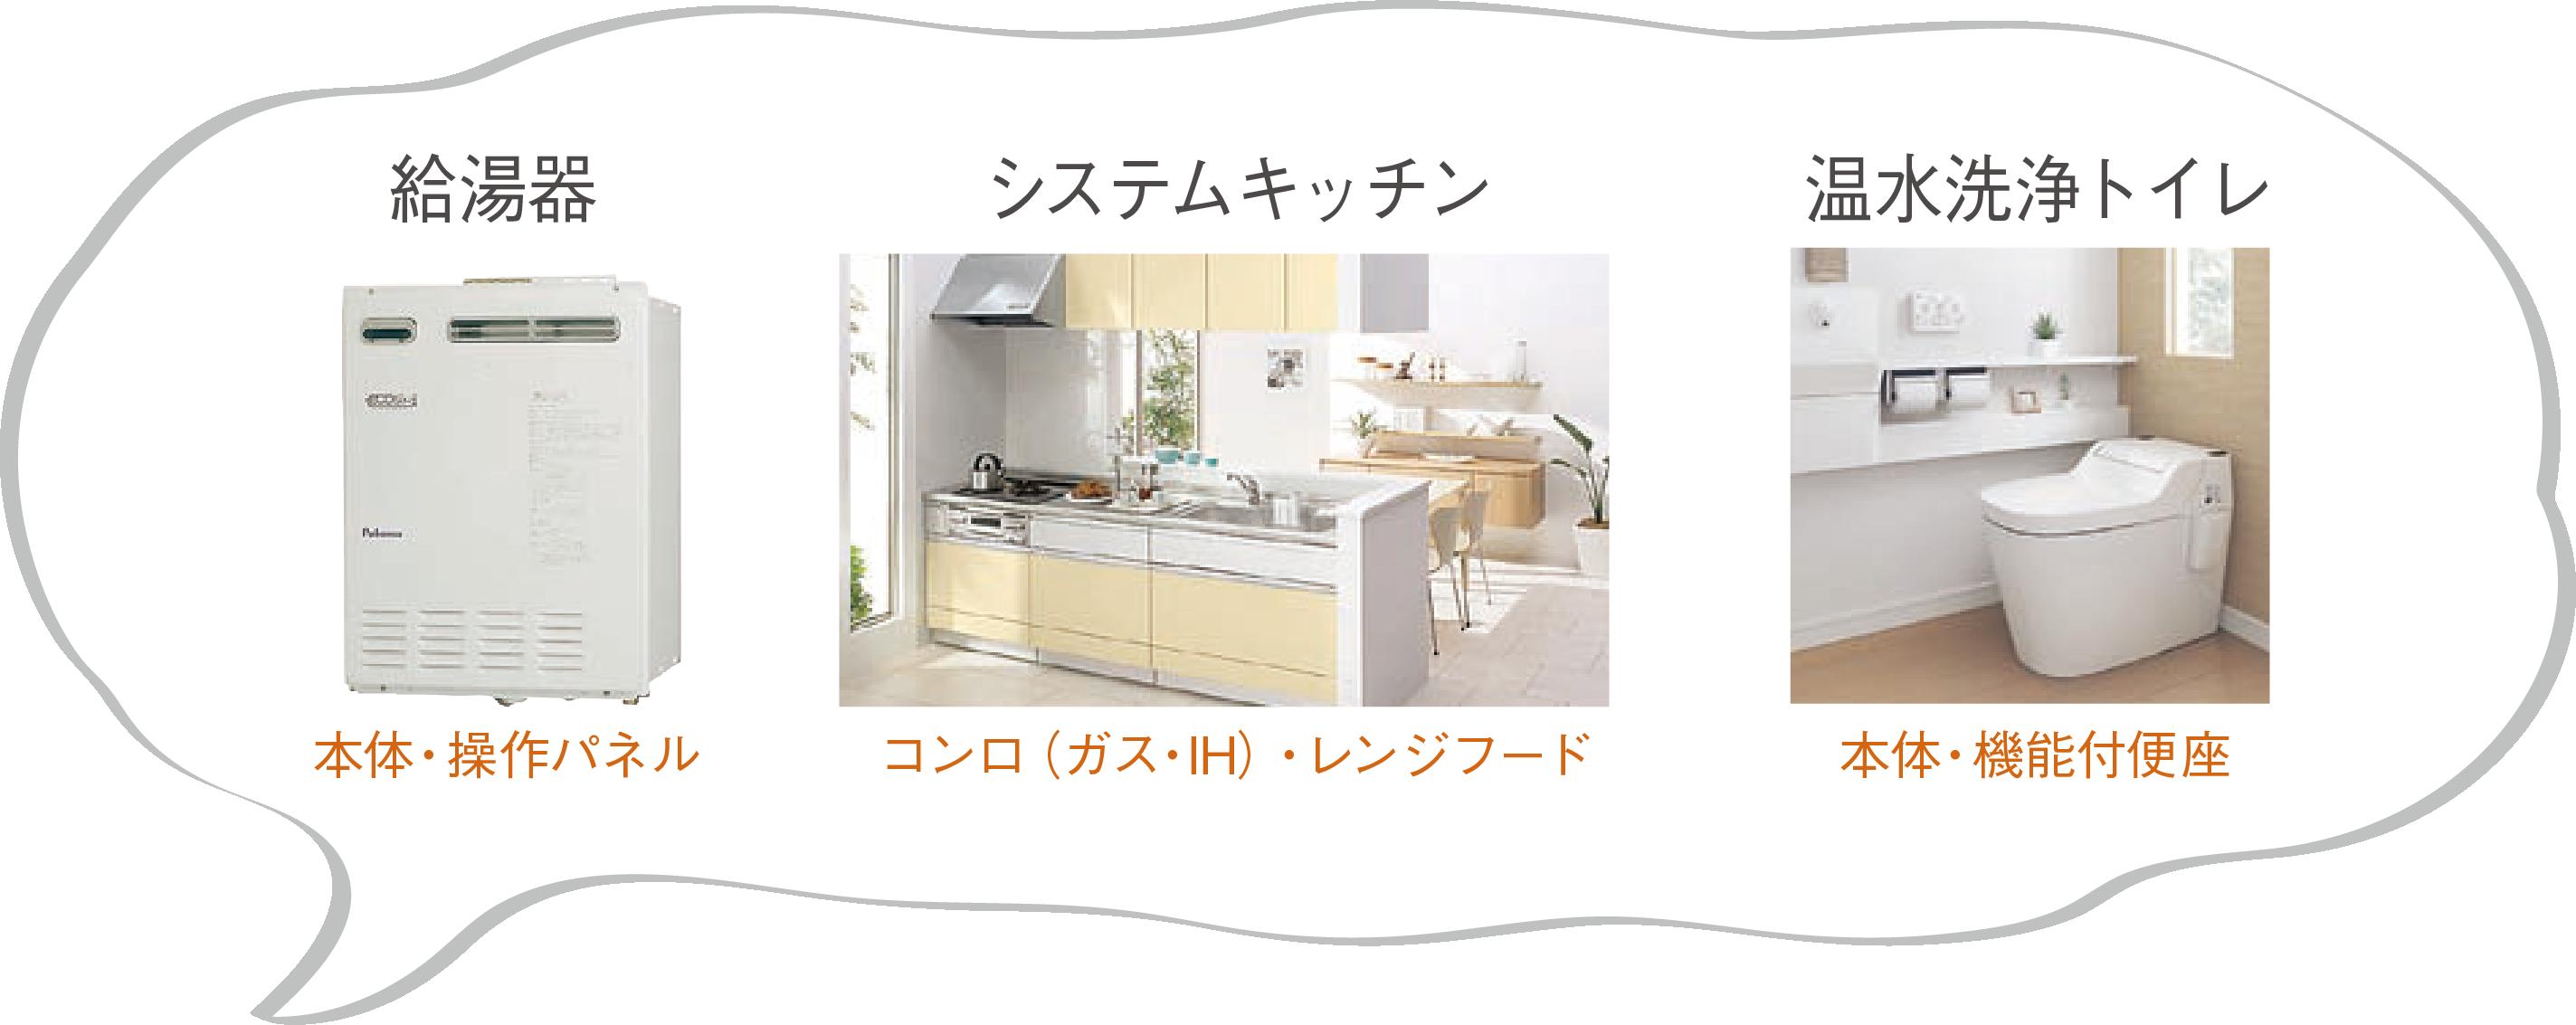 給湯器、システムキッチン、温水トイレ